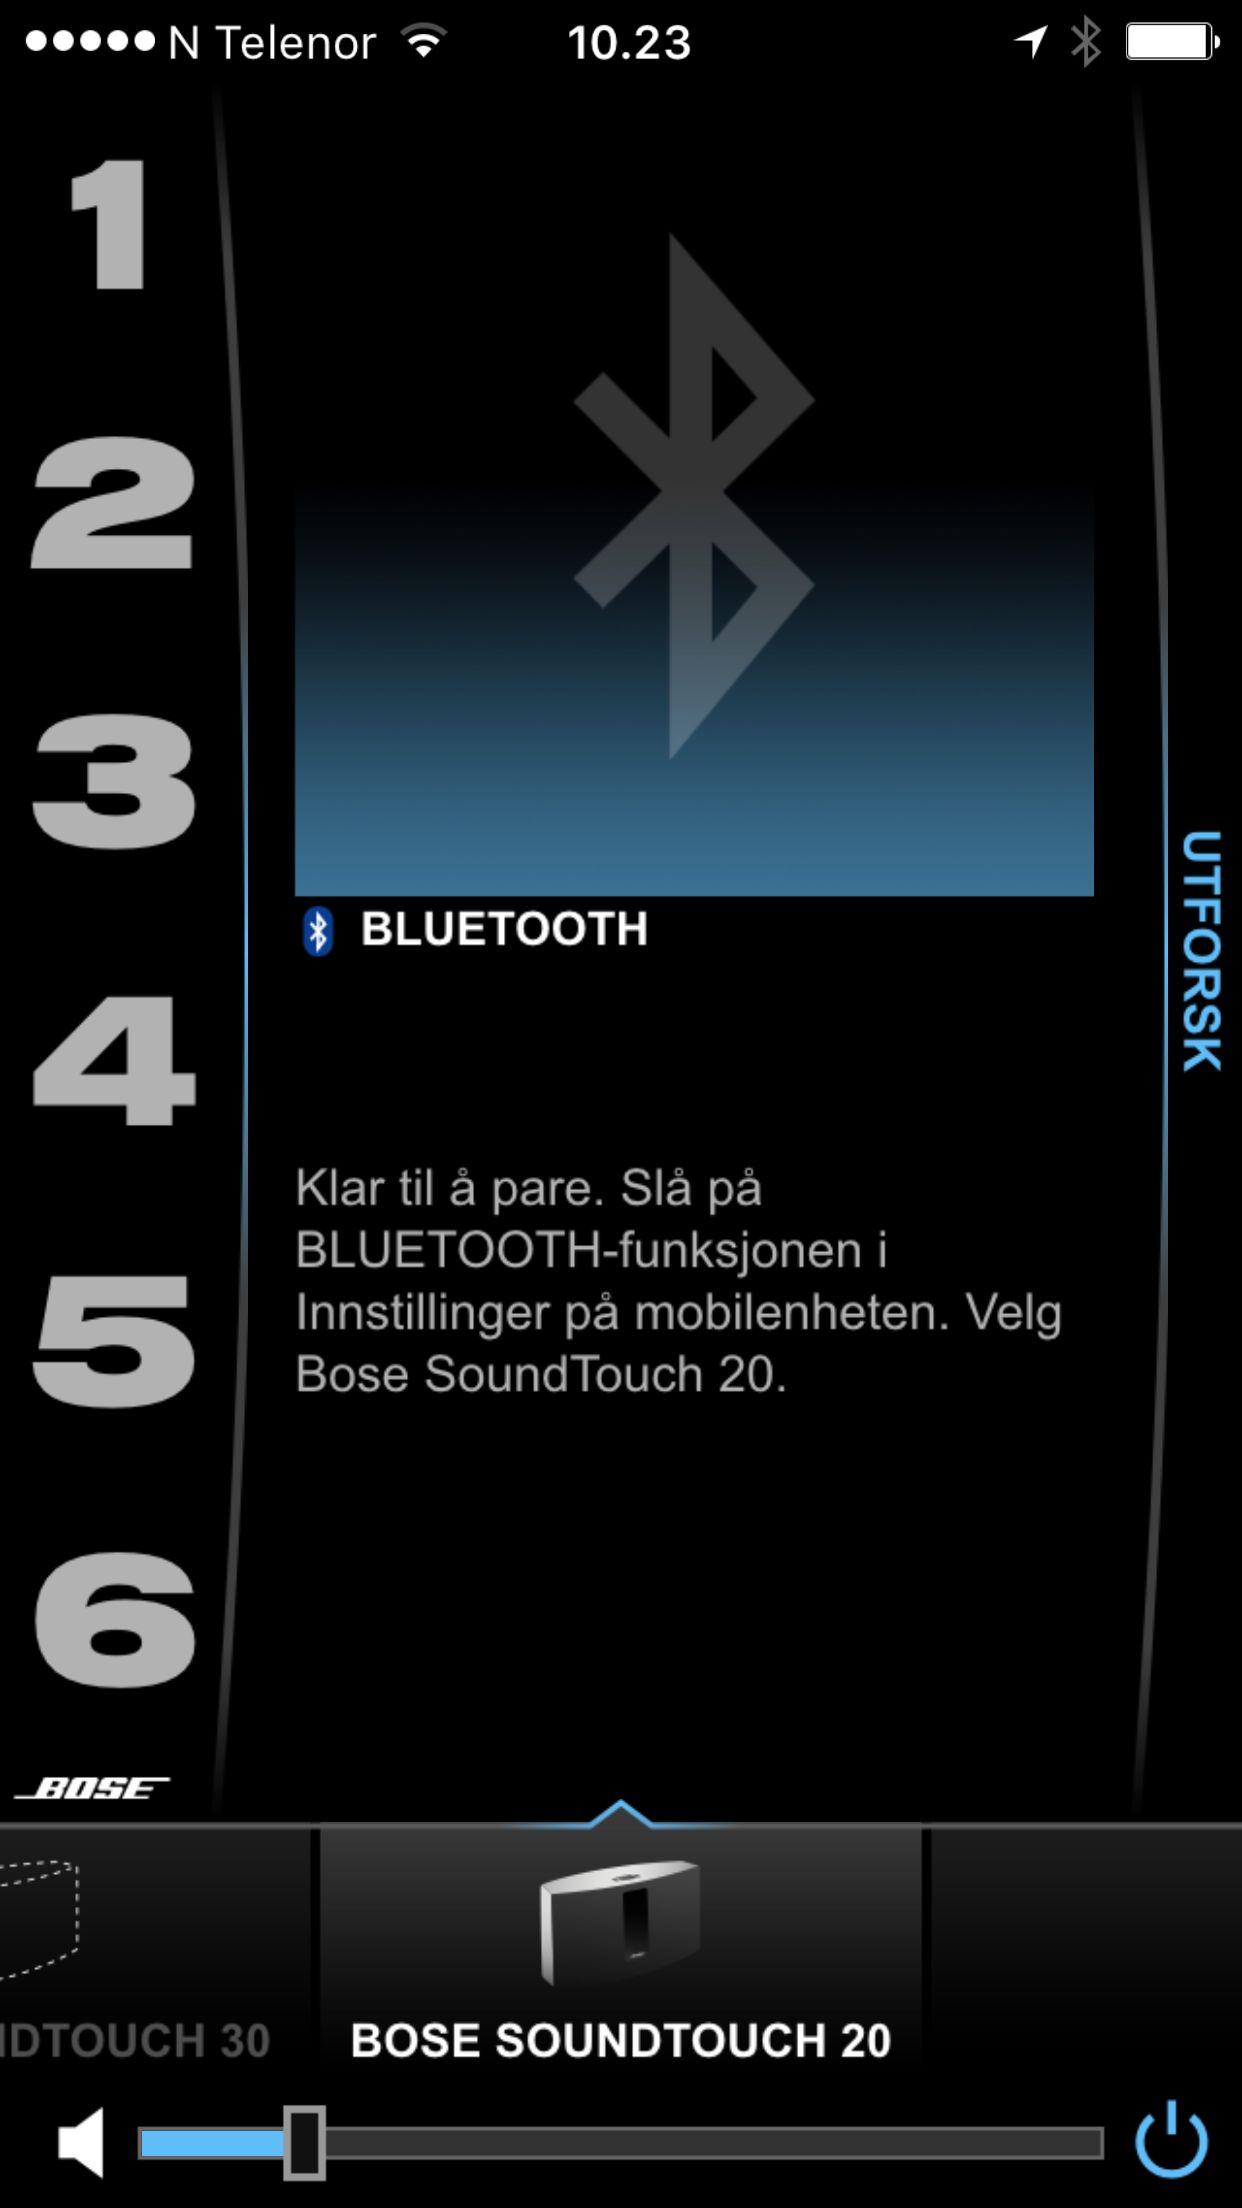 Her har vi satt opp SoundTouch 20 i et annet nettverk enn SoundTouch 30. Da blir SoundTouch 30 bare synlig som stiplet (nede til venstre).